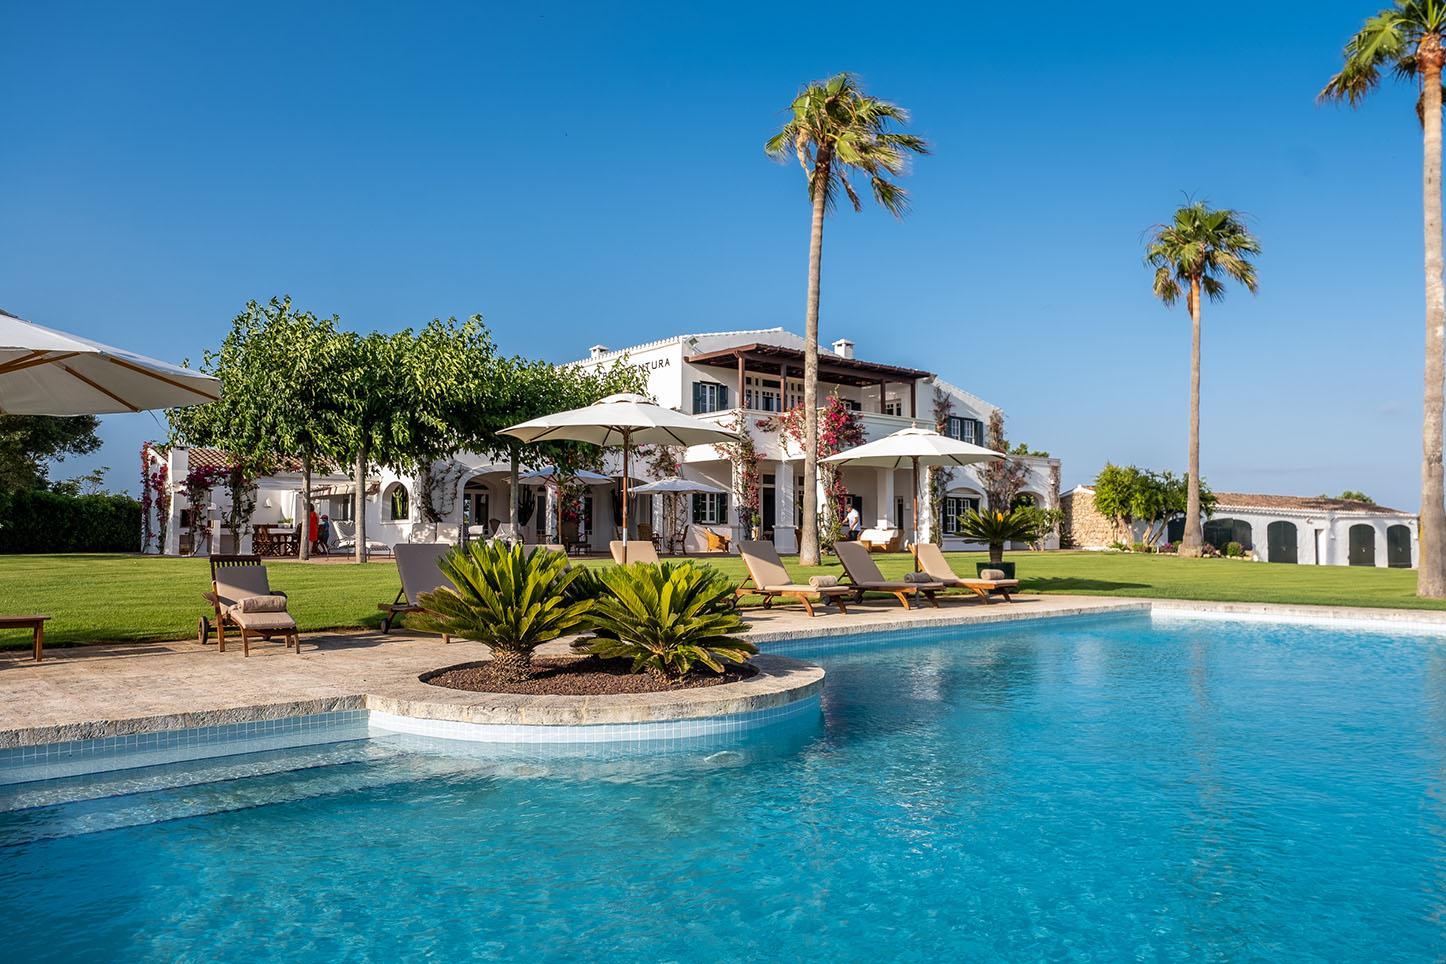 Villa ultra lussuosa in affitto a minorca. Gli ospiti del passato includono Michelle Obama.